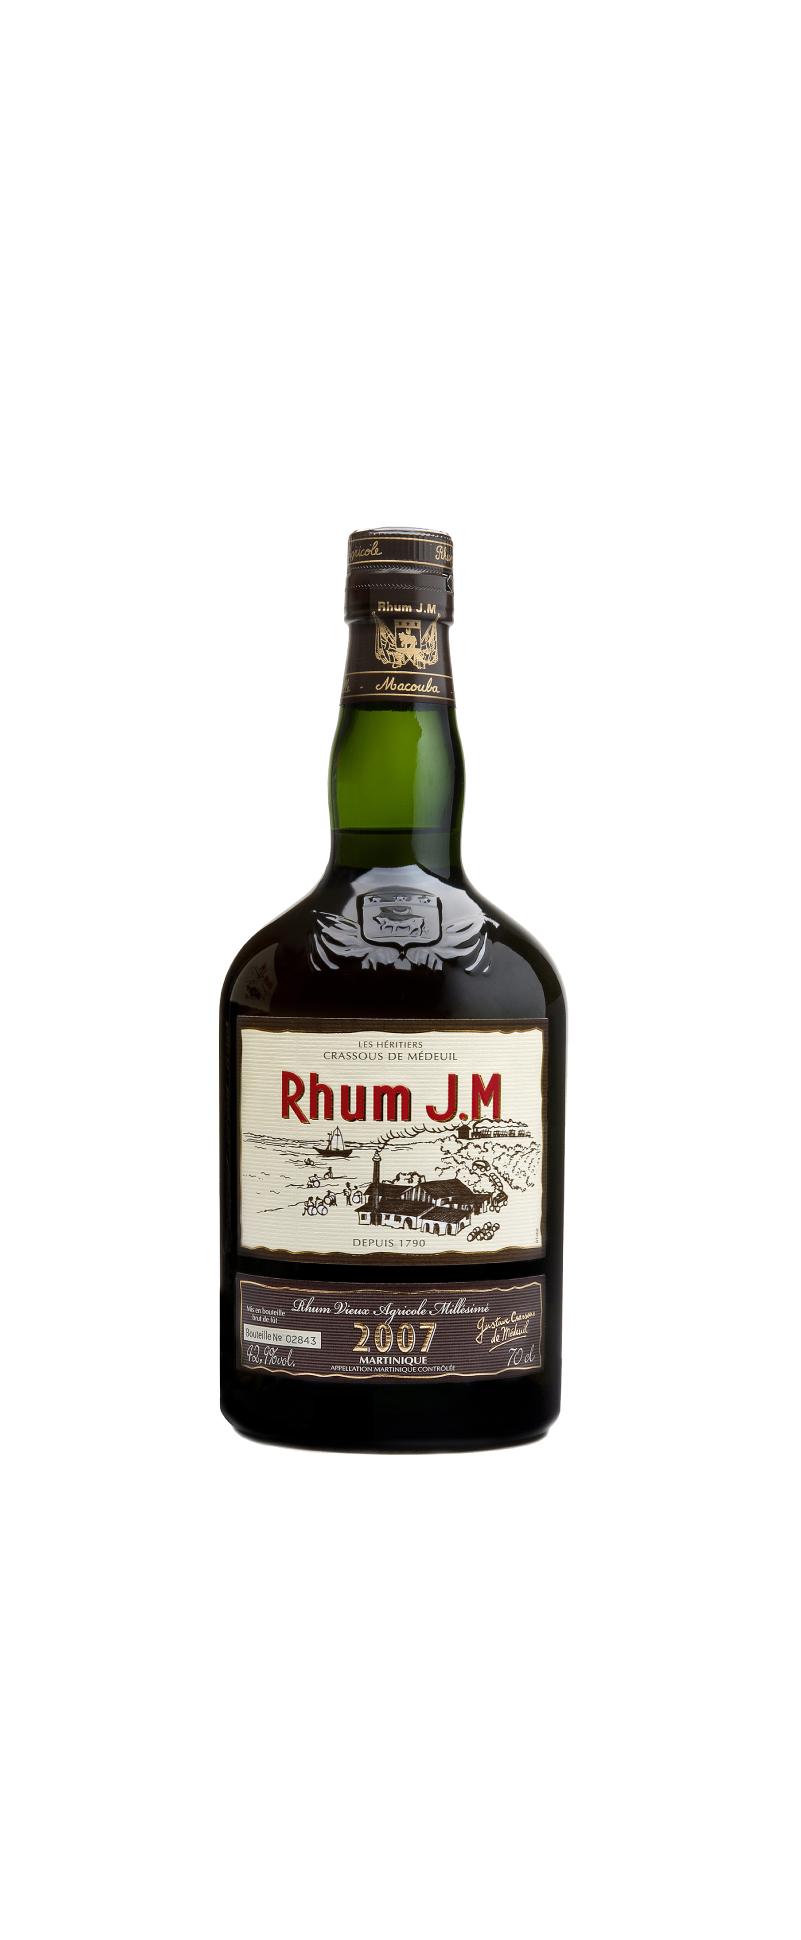 Rhum J.M Vieux 2007